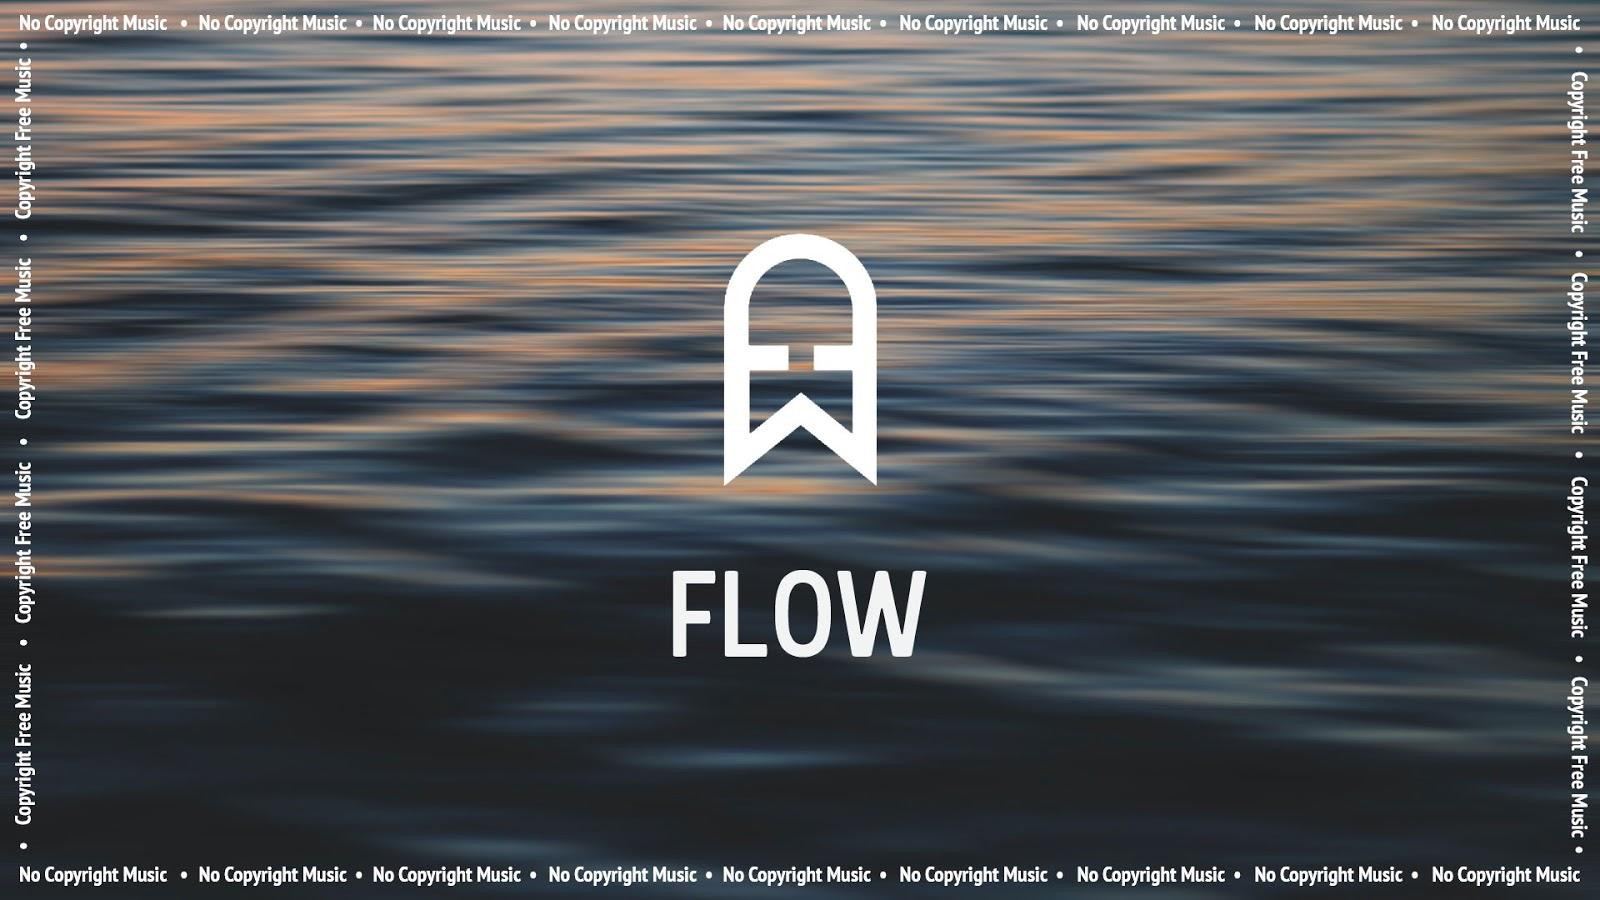 EcroDeron - Flow - No Copyright Music - Copyright Free Music - Vlog Music